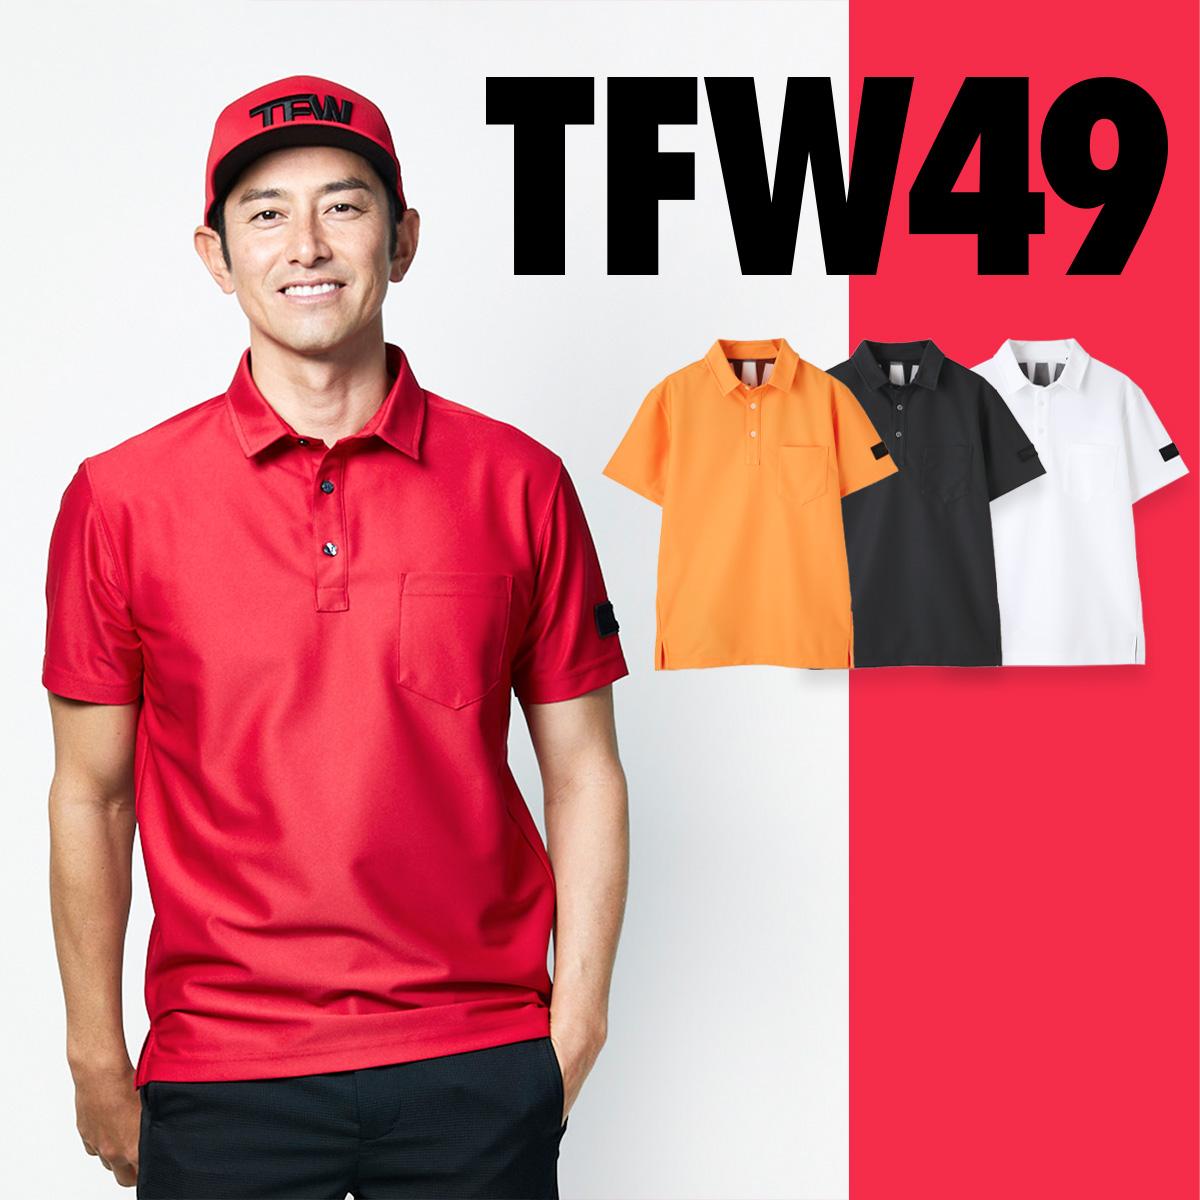 汗をかいても快適にゴルフを楽しめる!!背メッシュポロシャツ